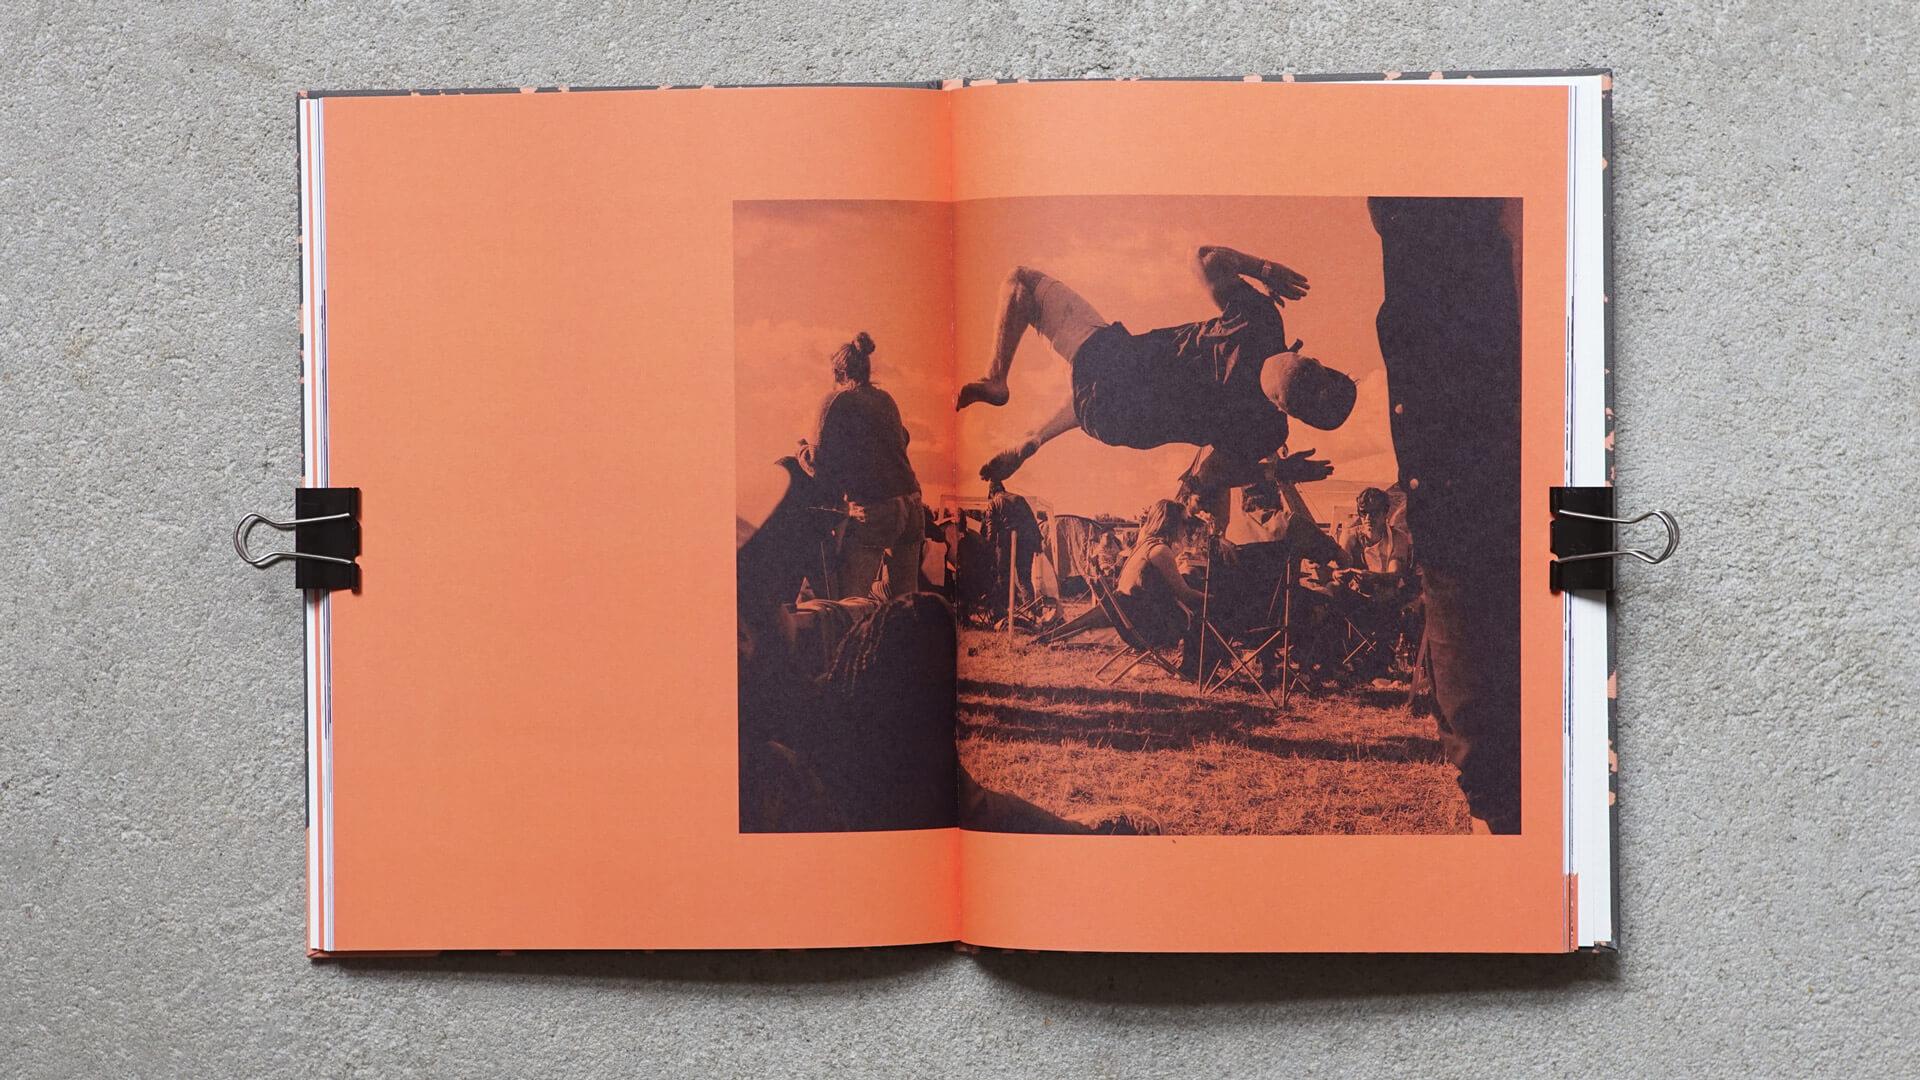 mess-book-content-big-01-1920x1080